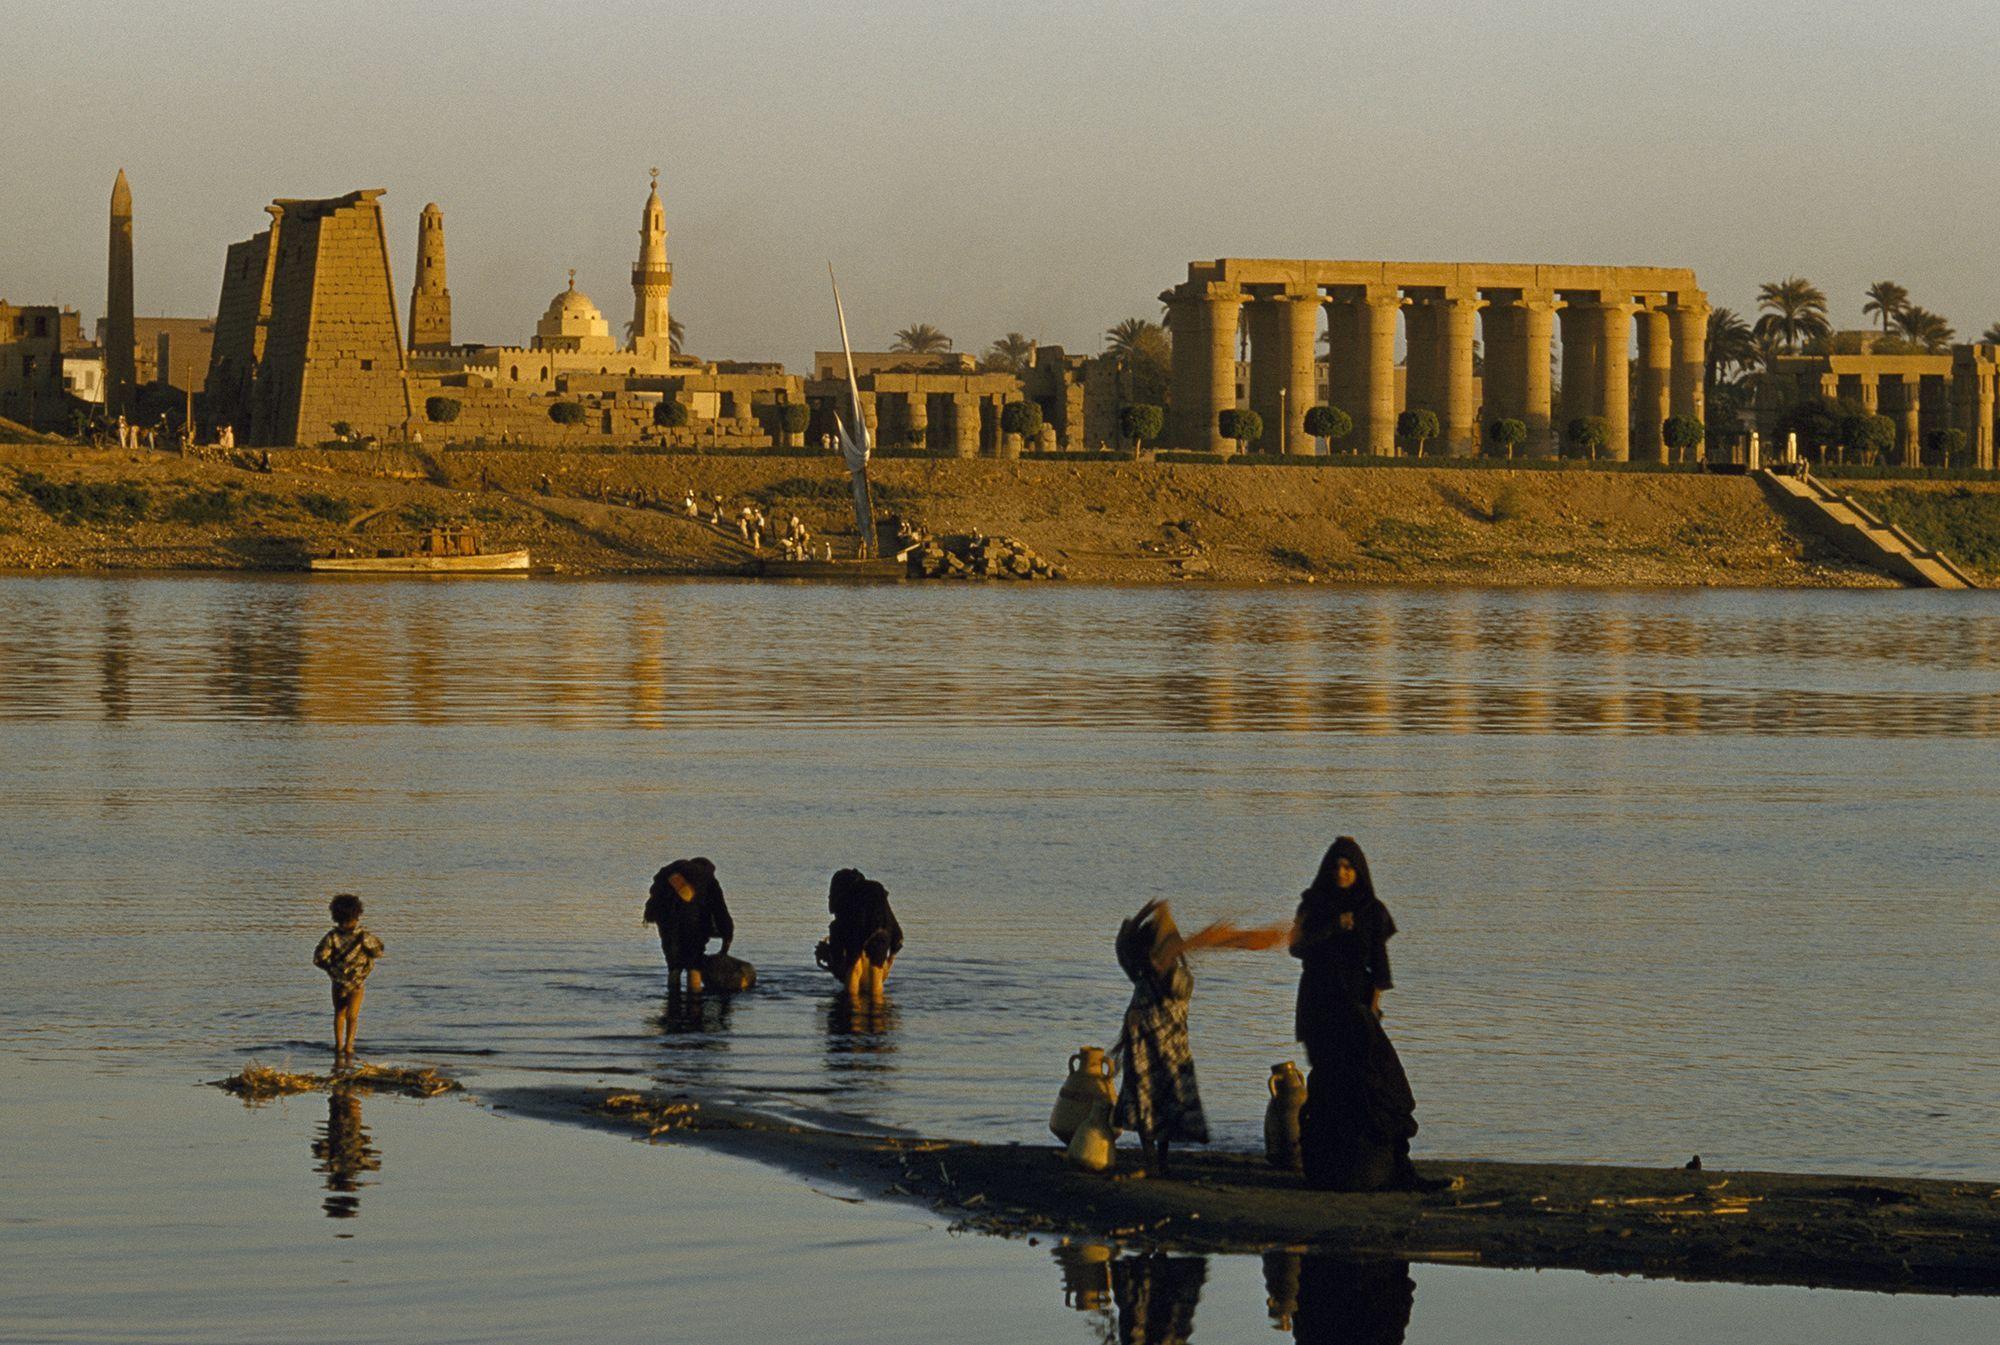 Đi dạo trên sông Nile là một hành trình khó quên và khó xử đối với nữ du khách Katrina Mary. Ảnh: NatGeo